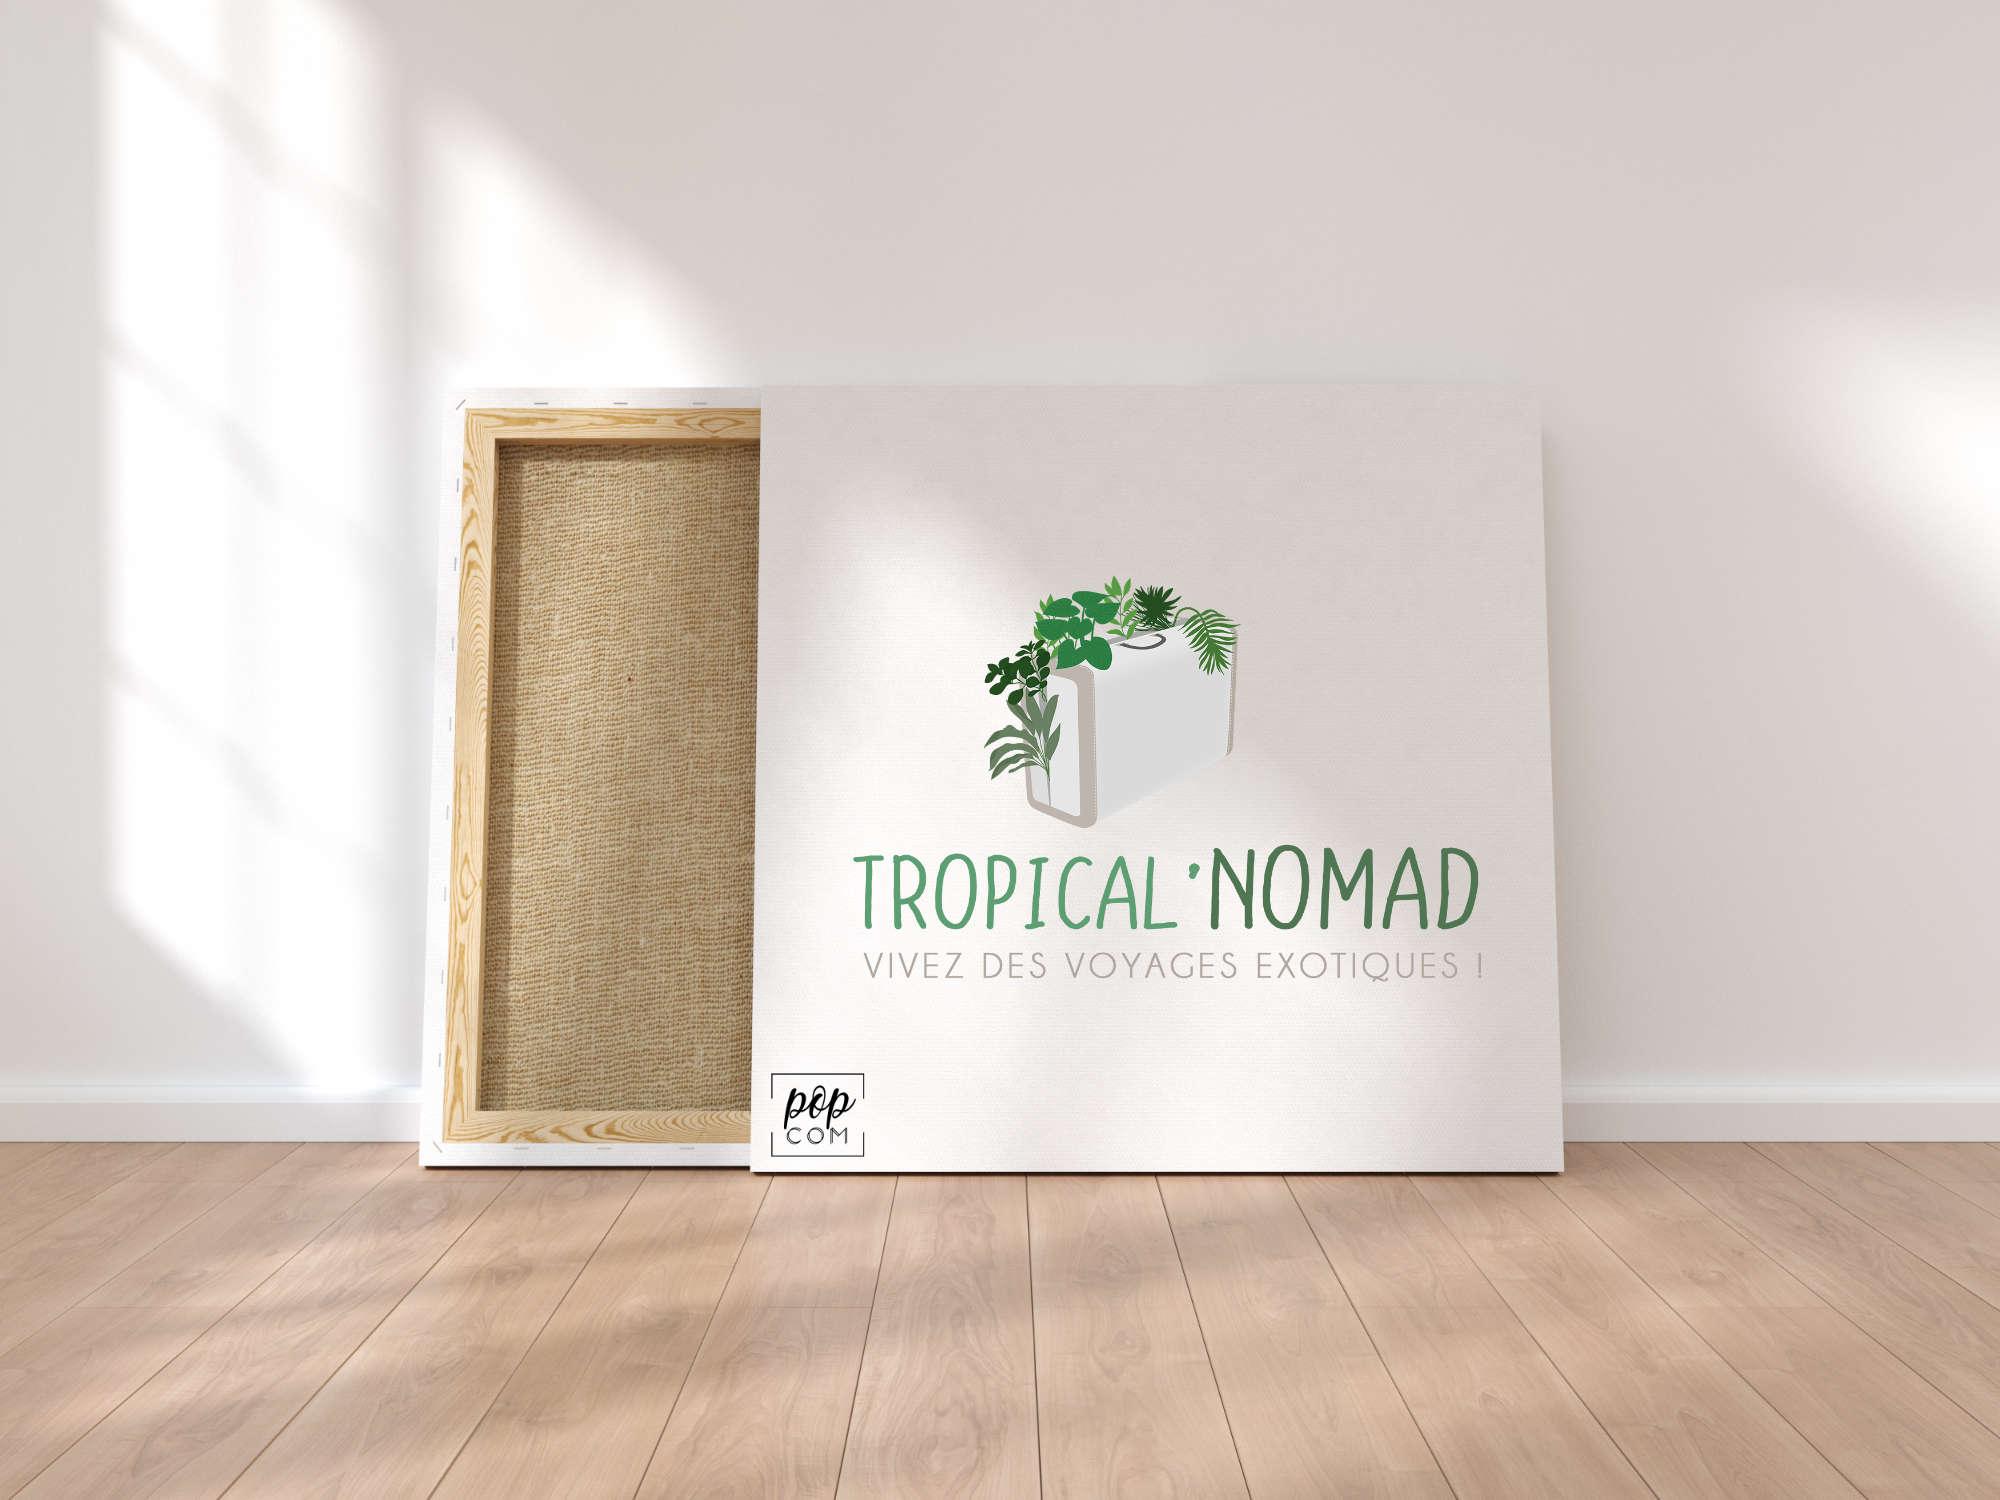 Voyage logo à vendre